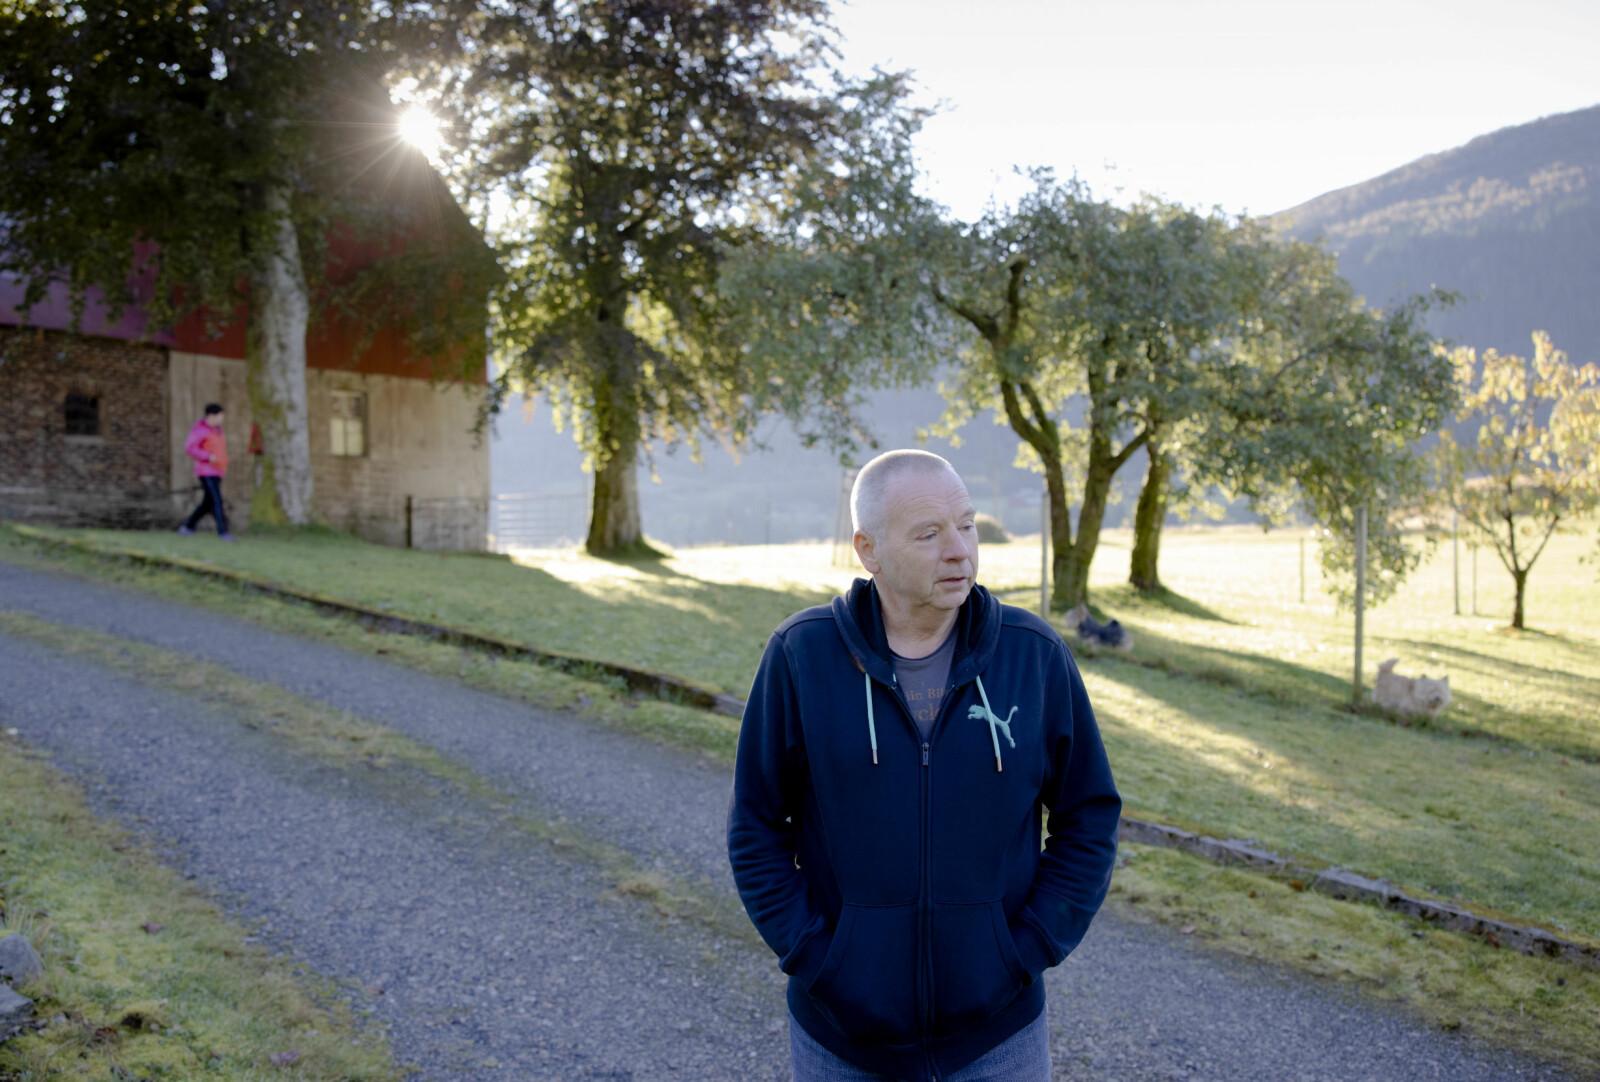 På morsgarden, ein naturskjøn flekk på planeten, bur Olav Martin Kvalheim og kona Tarja. Professoren frå Kjemisk institutt, der konsentrasjonen av «klimafornektarar» er høg, voks opp i byen, snakkar kav bergensk, men likar seg best på bygda